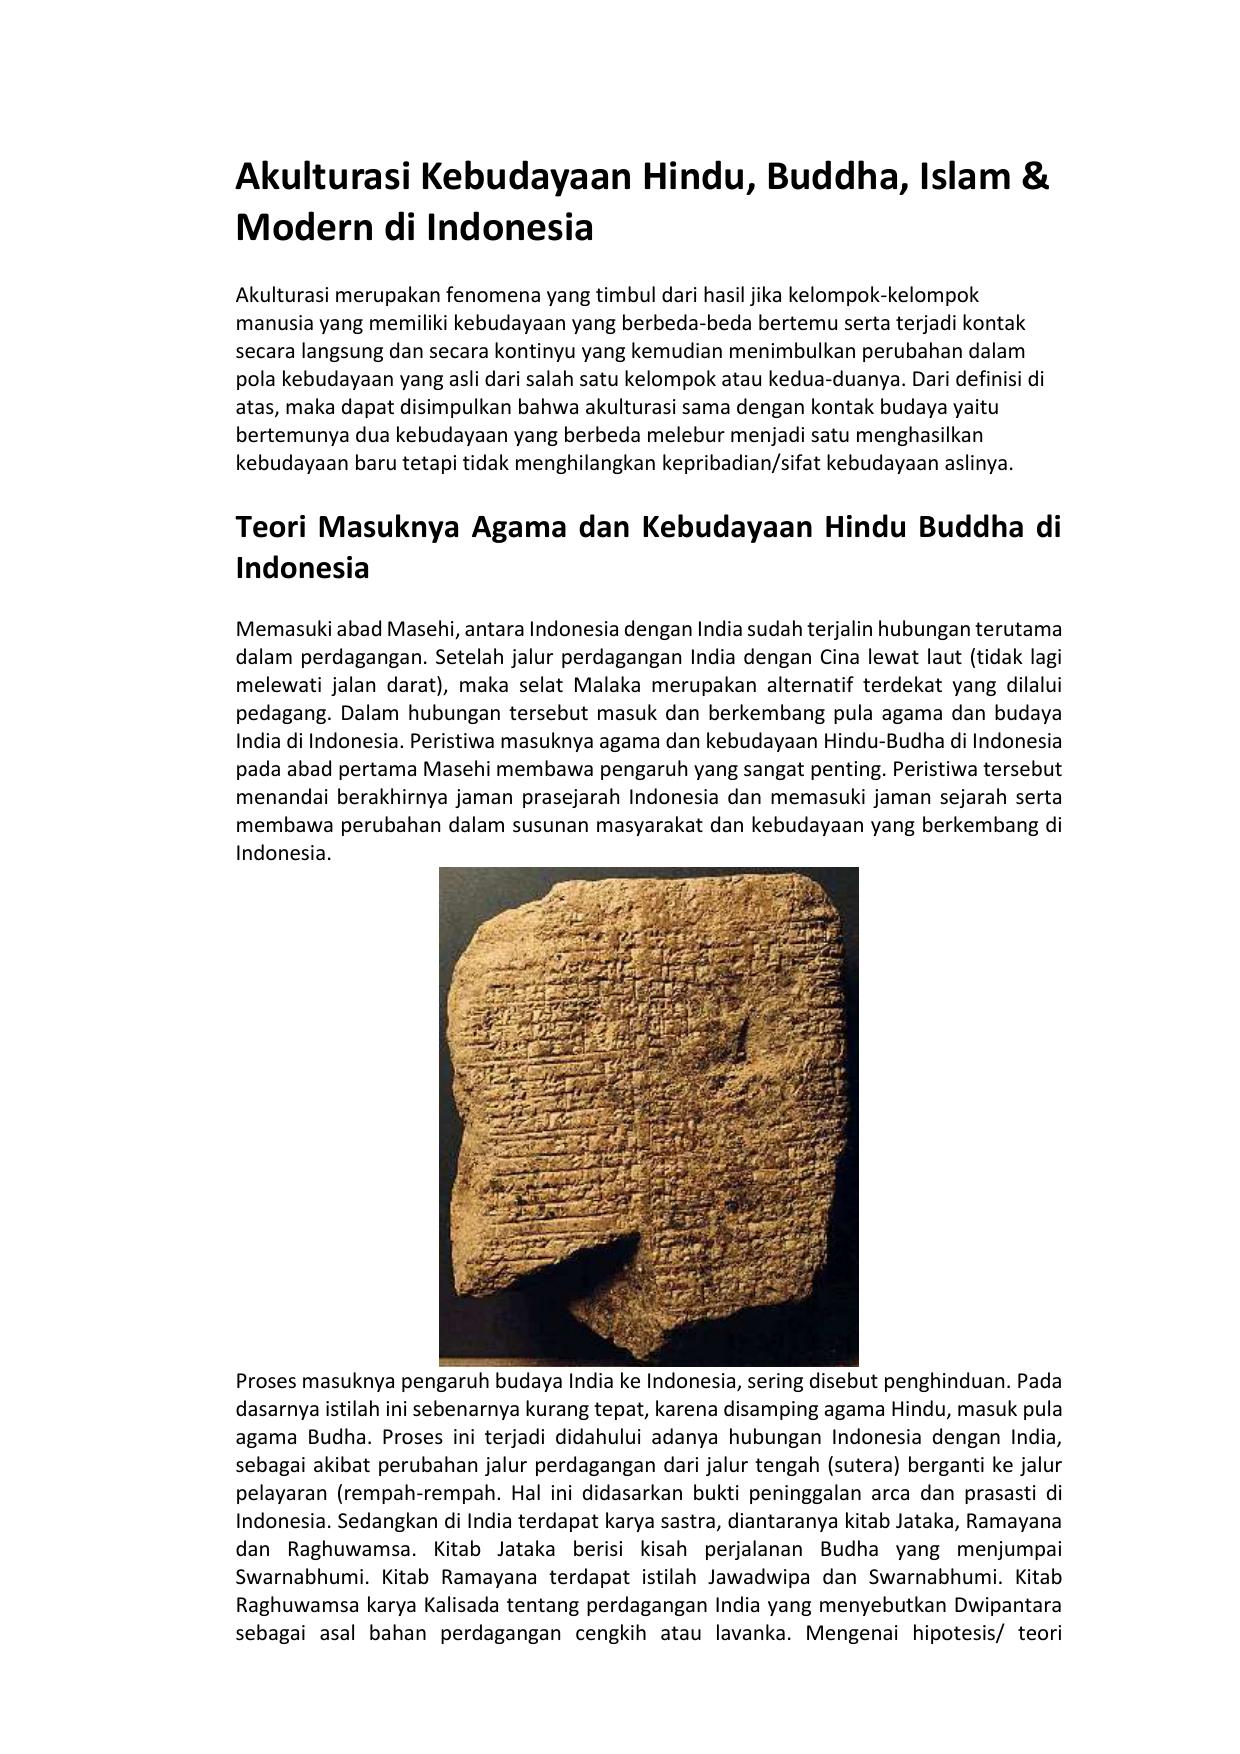 Akulturasi Kebudayaan Hindu Buddha Di Nusantara